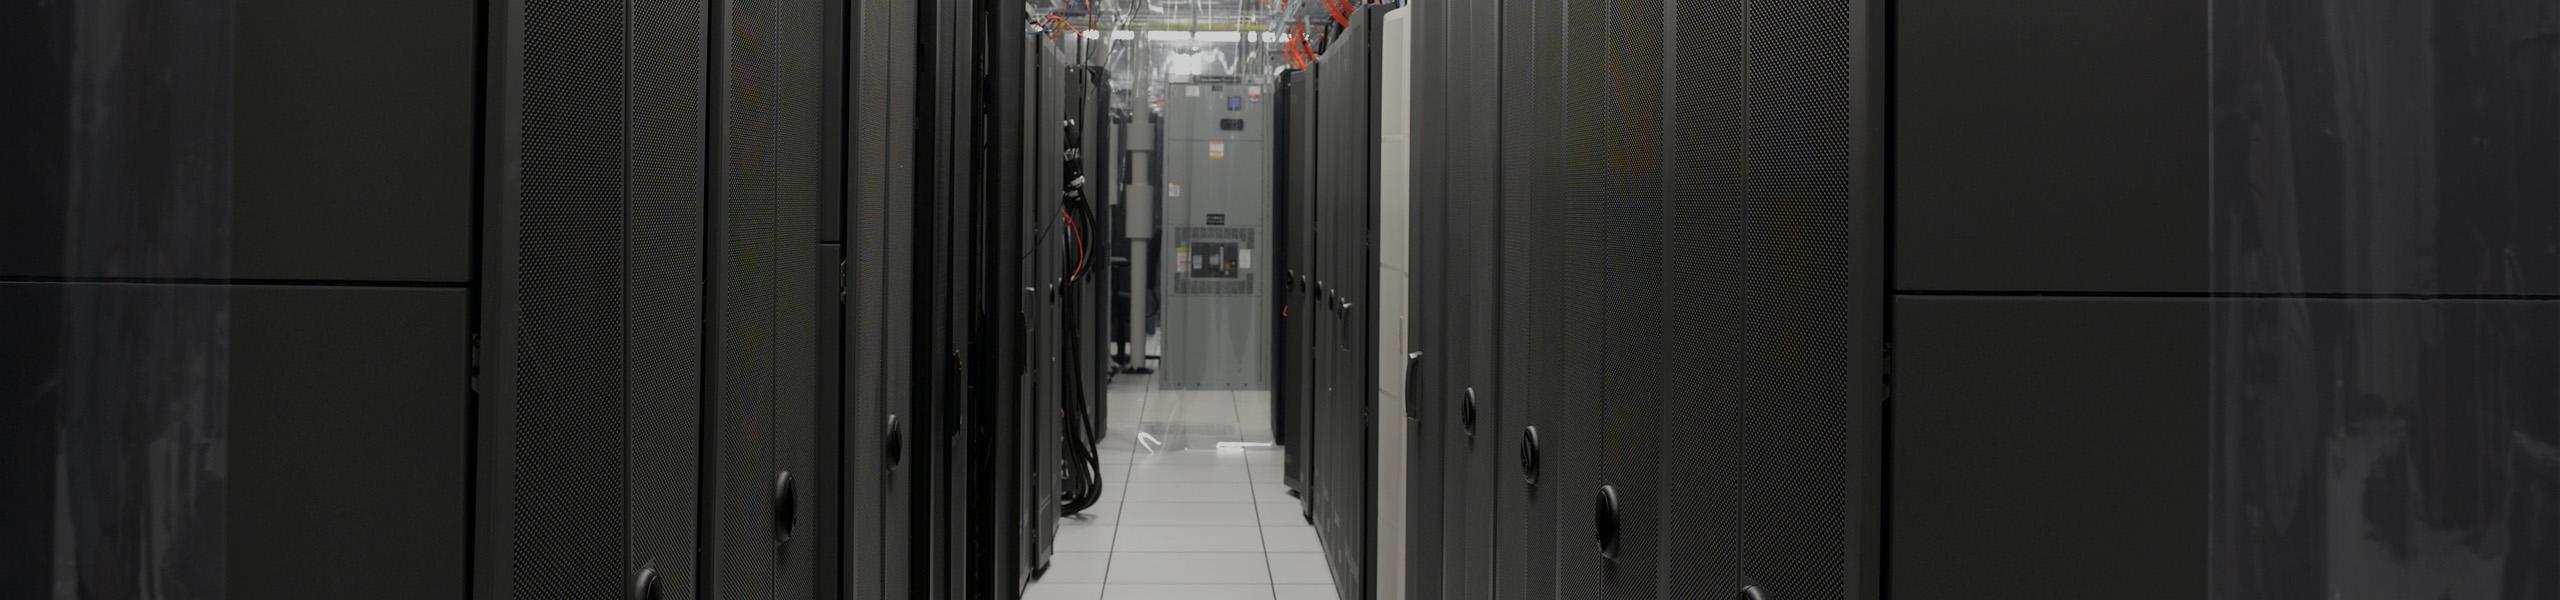 banner_principal_superior_datacenter_gabinetes_para_servidores_tecniases_